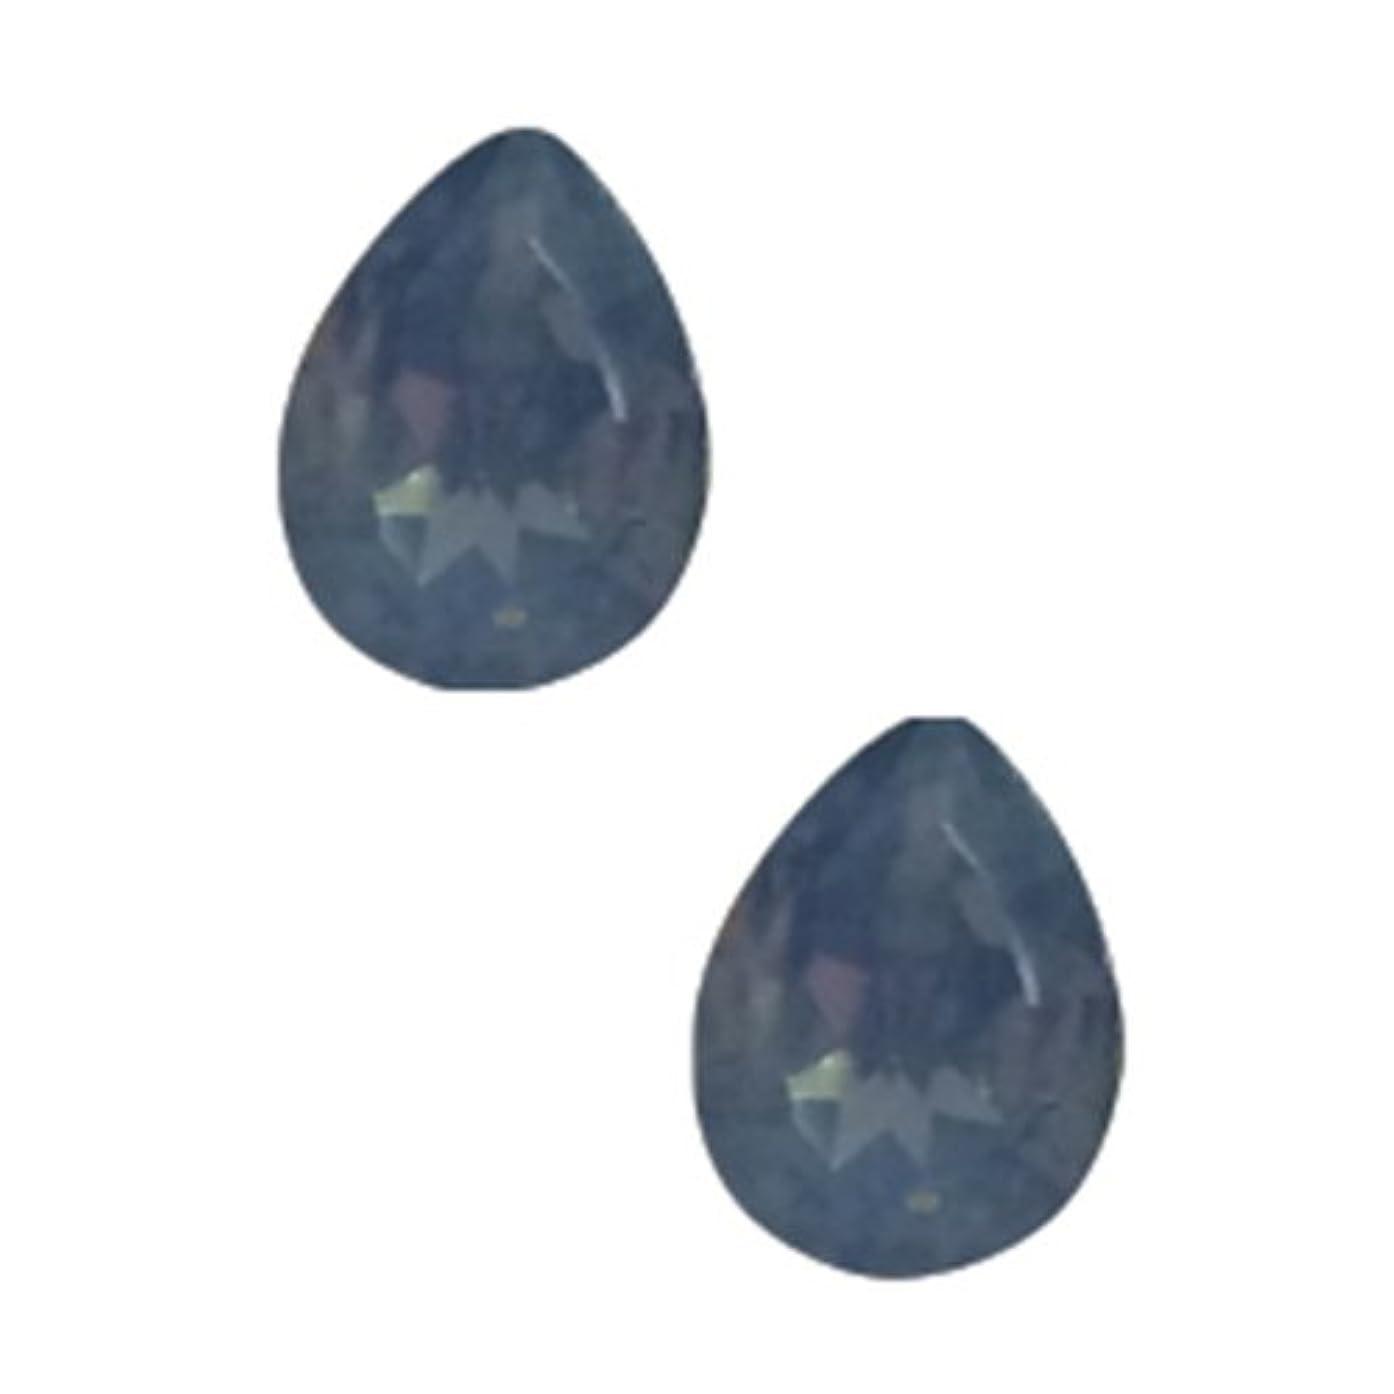 トンネルコークススキャンダラスPOSH ART ネイルパーツ涙型 4*6mm 10P ブルーオパール